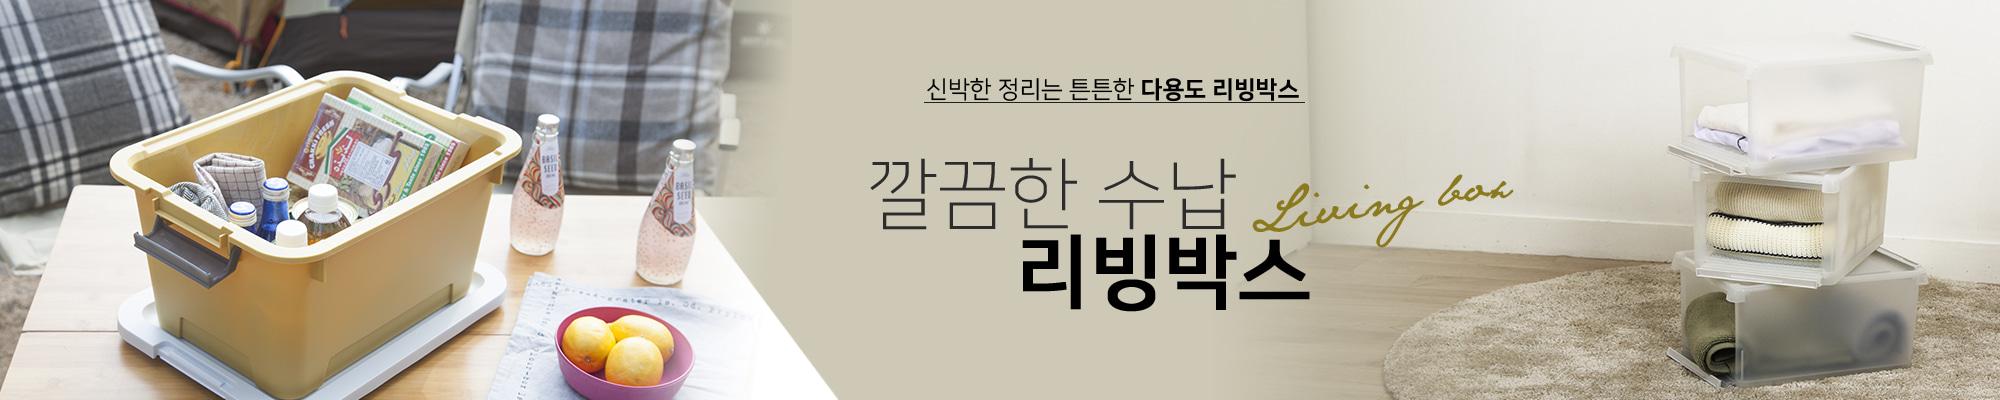 리빙박스모음전